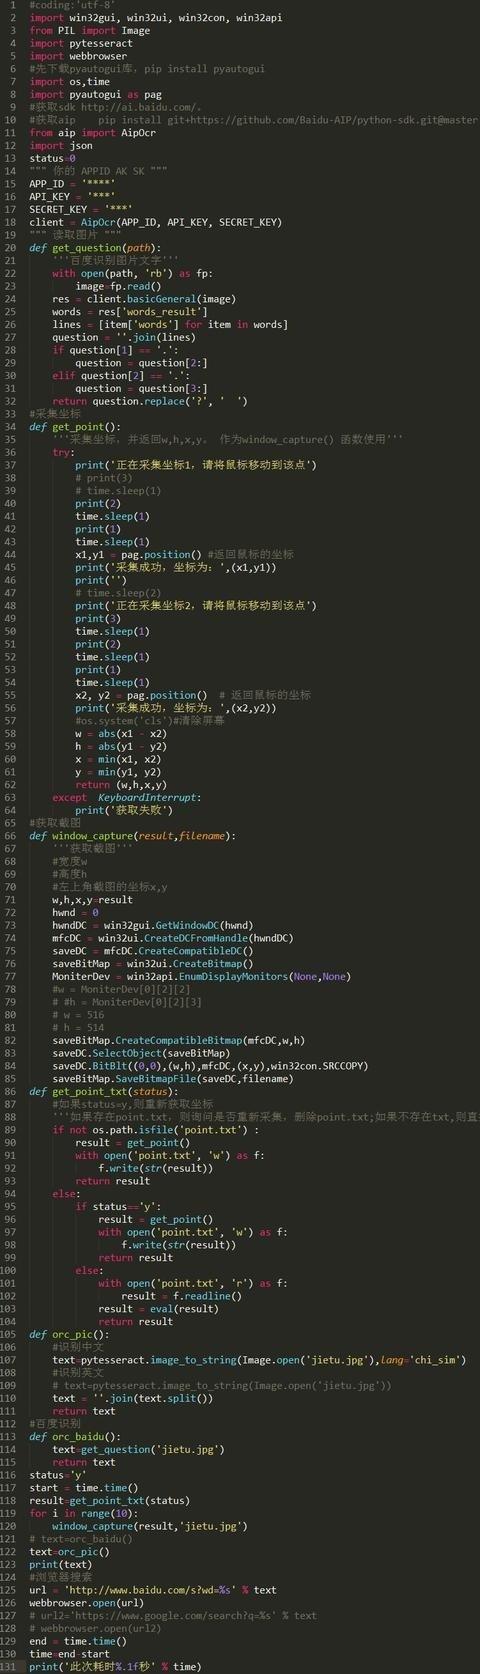 用python实现自动搜索答题,上网课轻松不挂科!